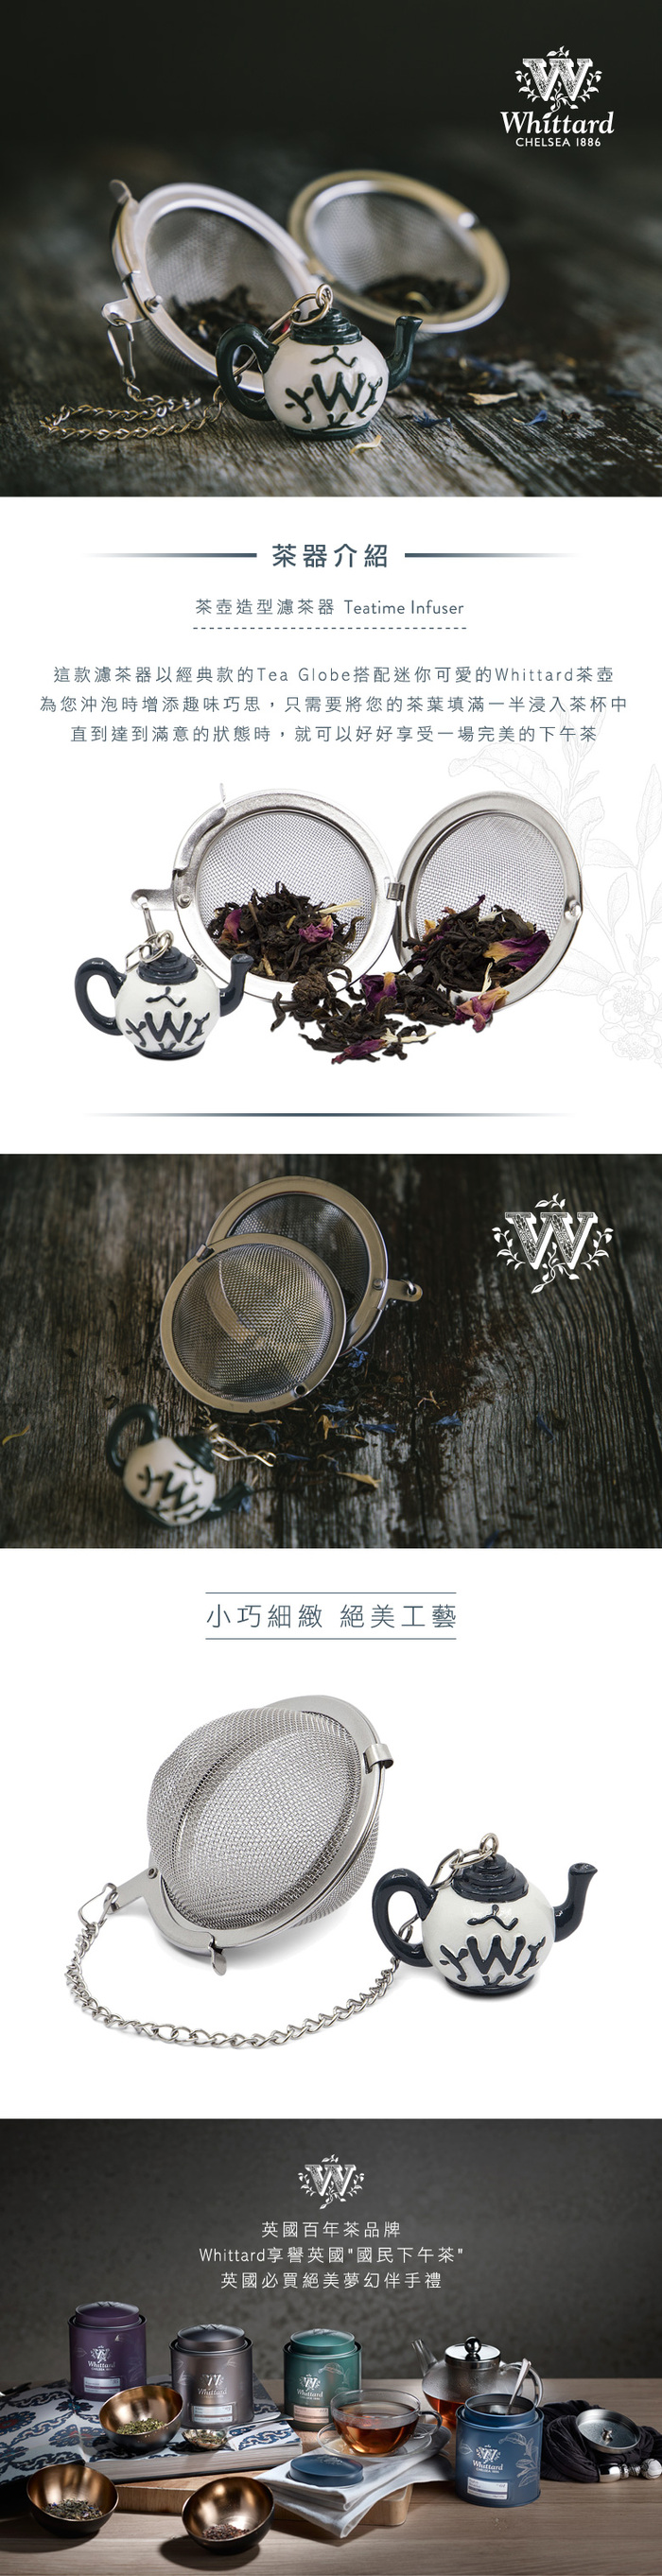 (複製)Whittard | 馬克杯濾茶器